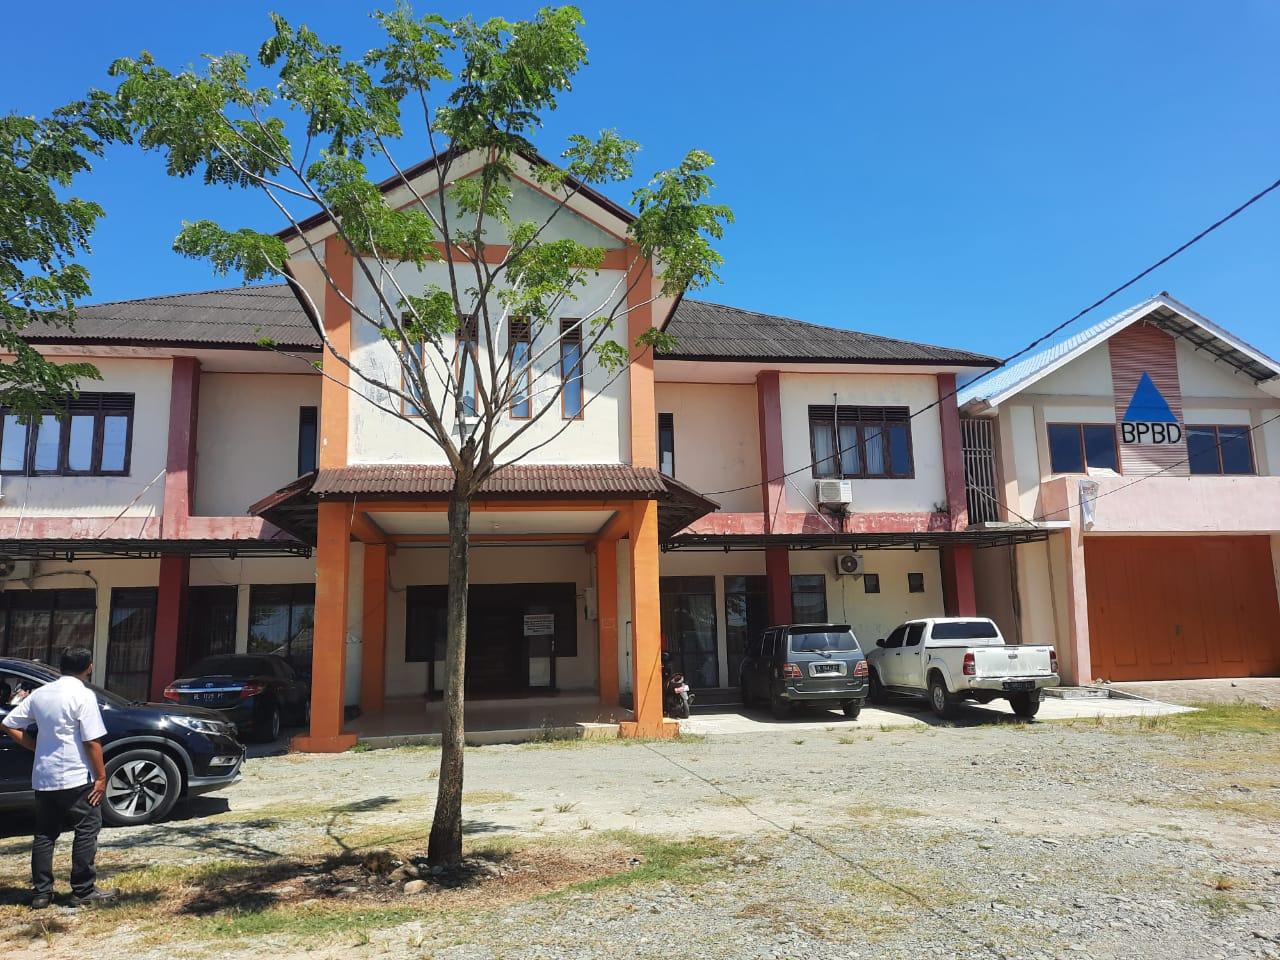 BPBD Pidie Aceh